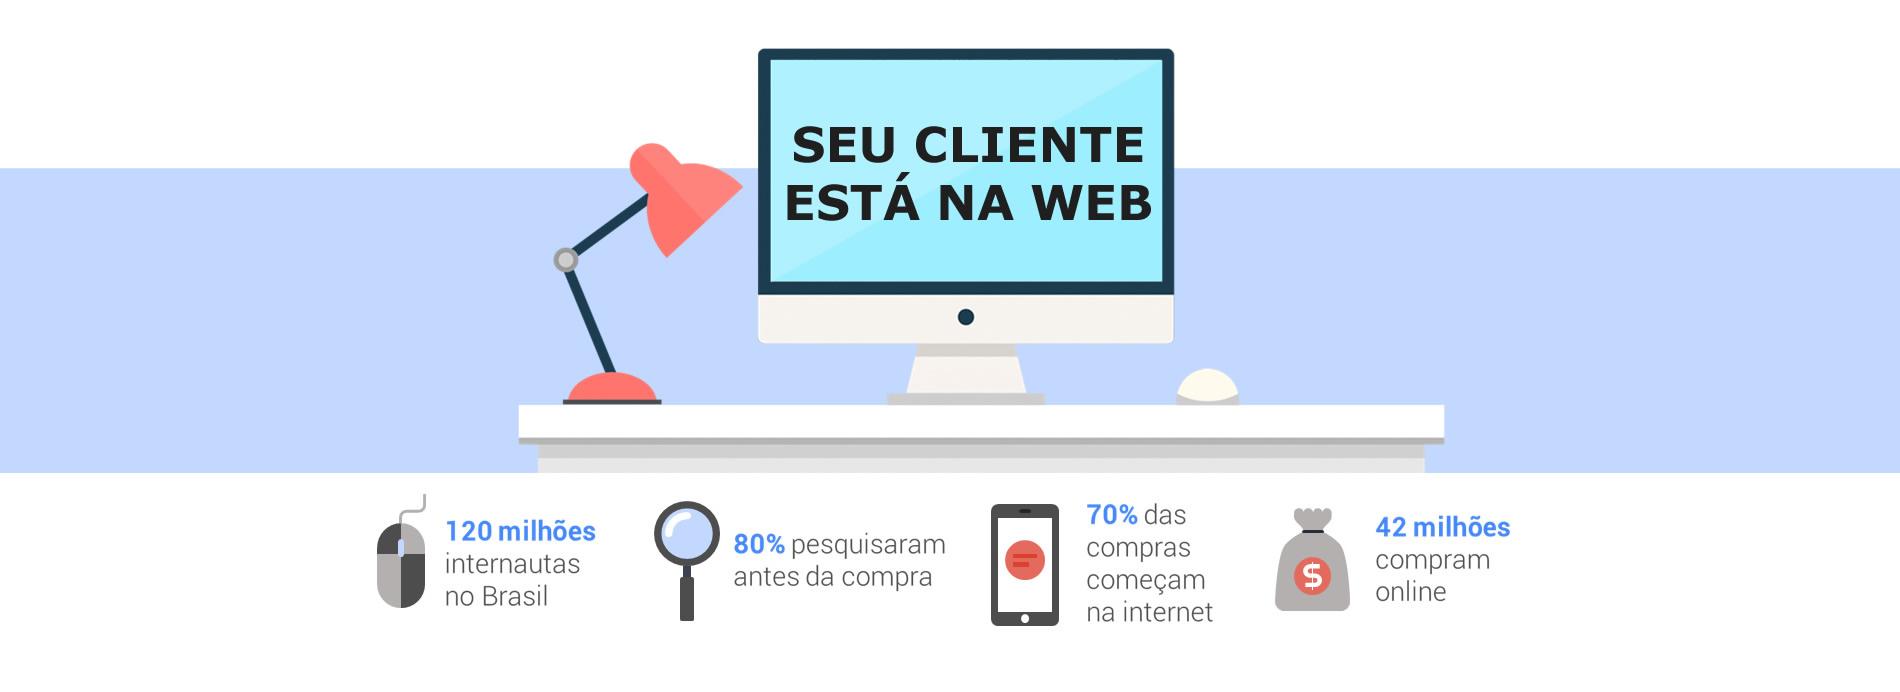 Seu cliente está na Web